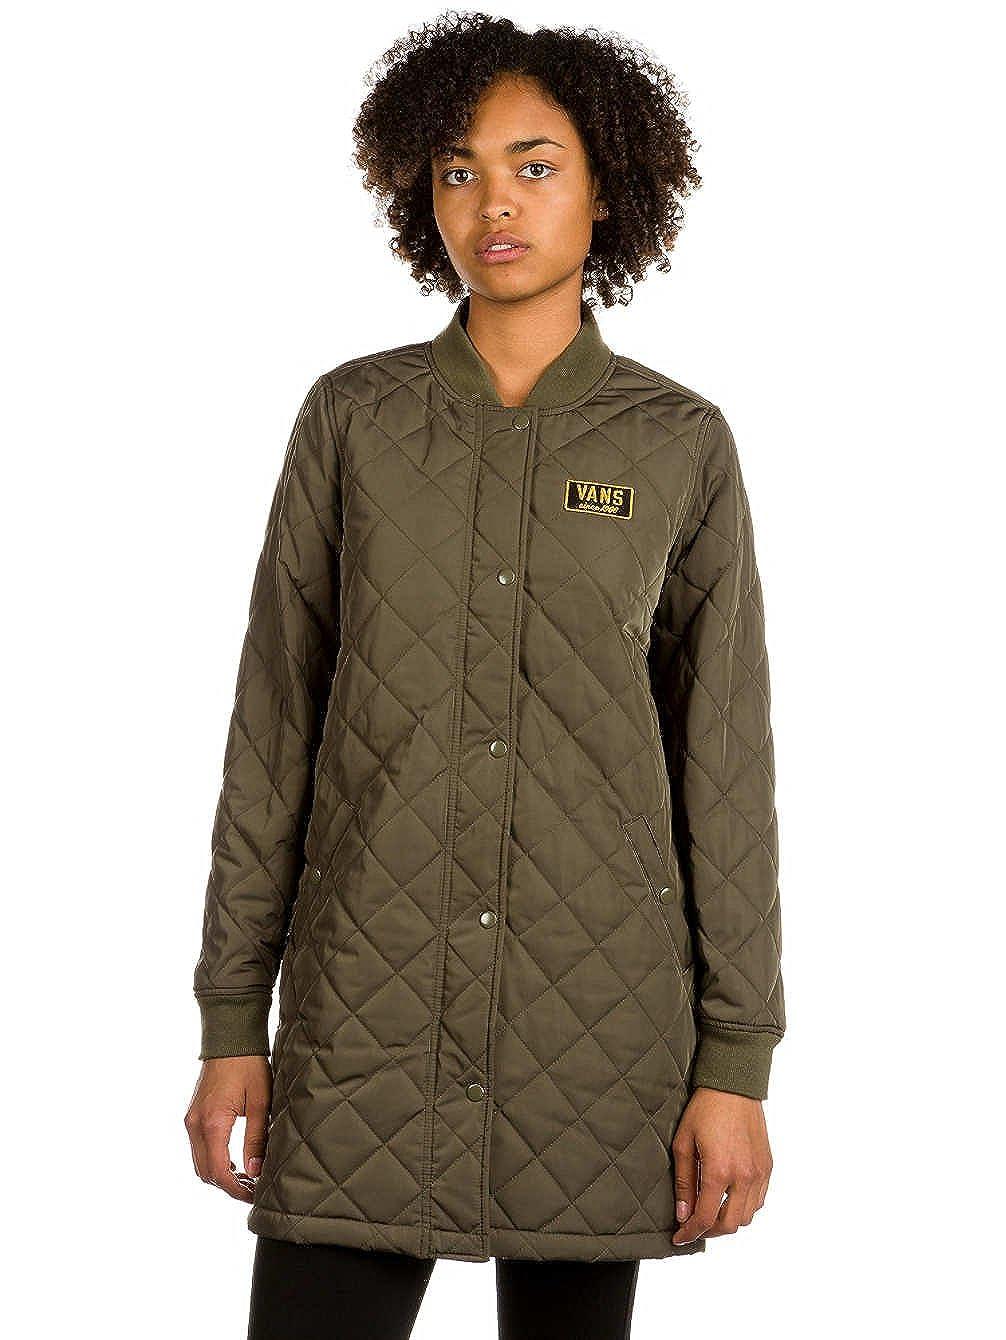 06f9e80119a64 Amazon.com: Vans Womens Boom Boom Quilted Coat Olive Green Jacket (L ...